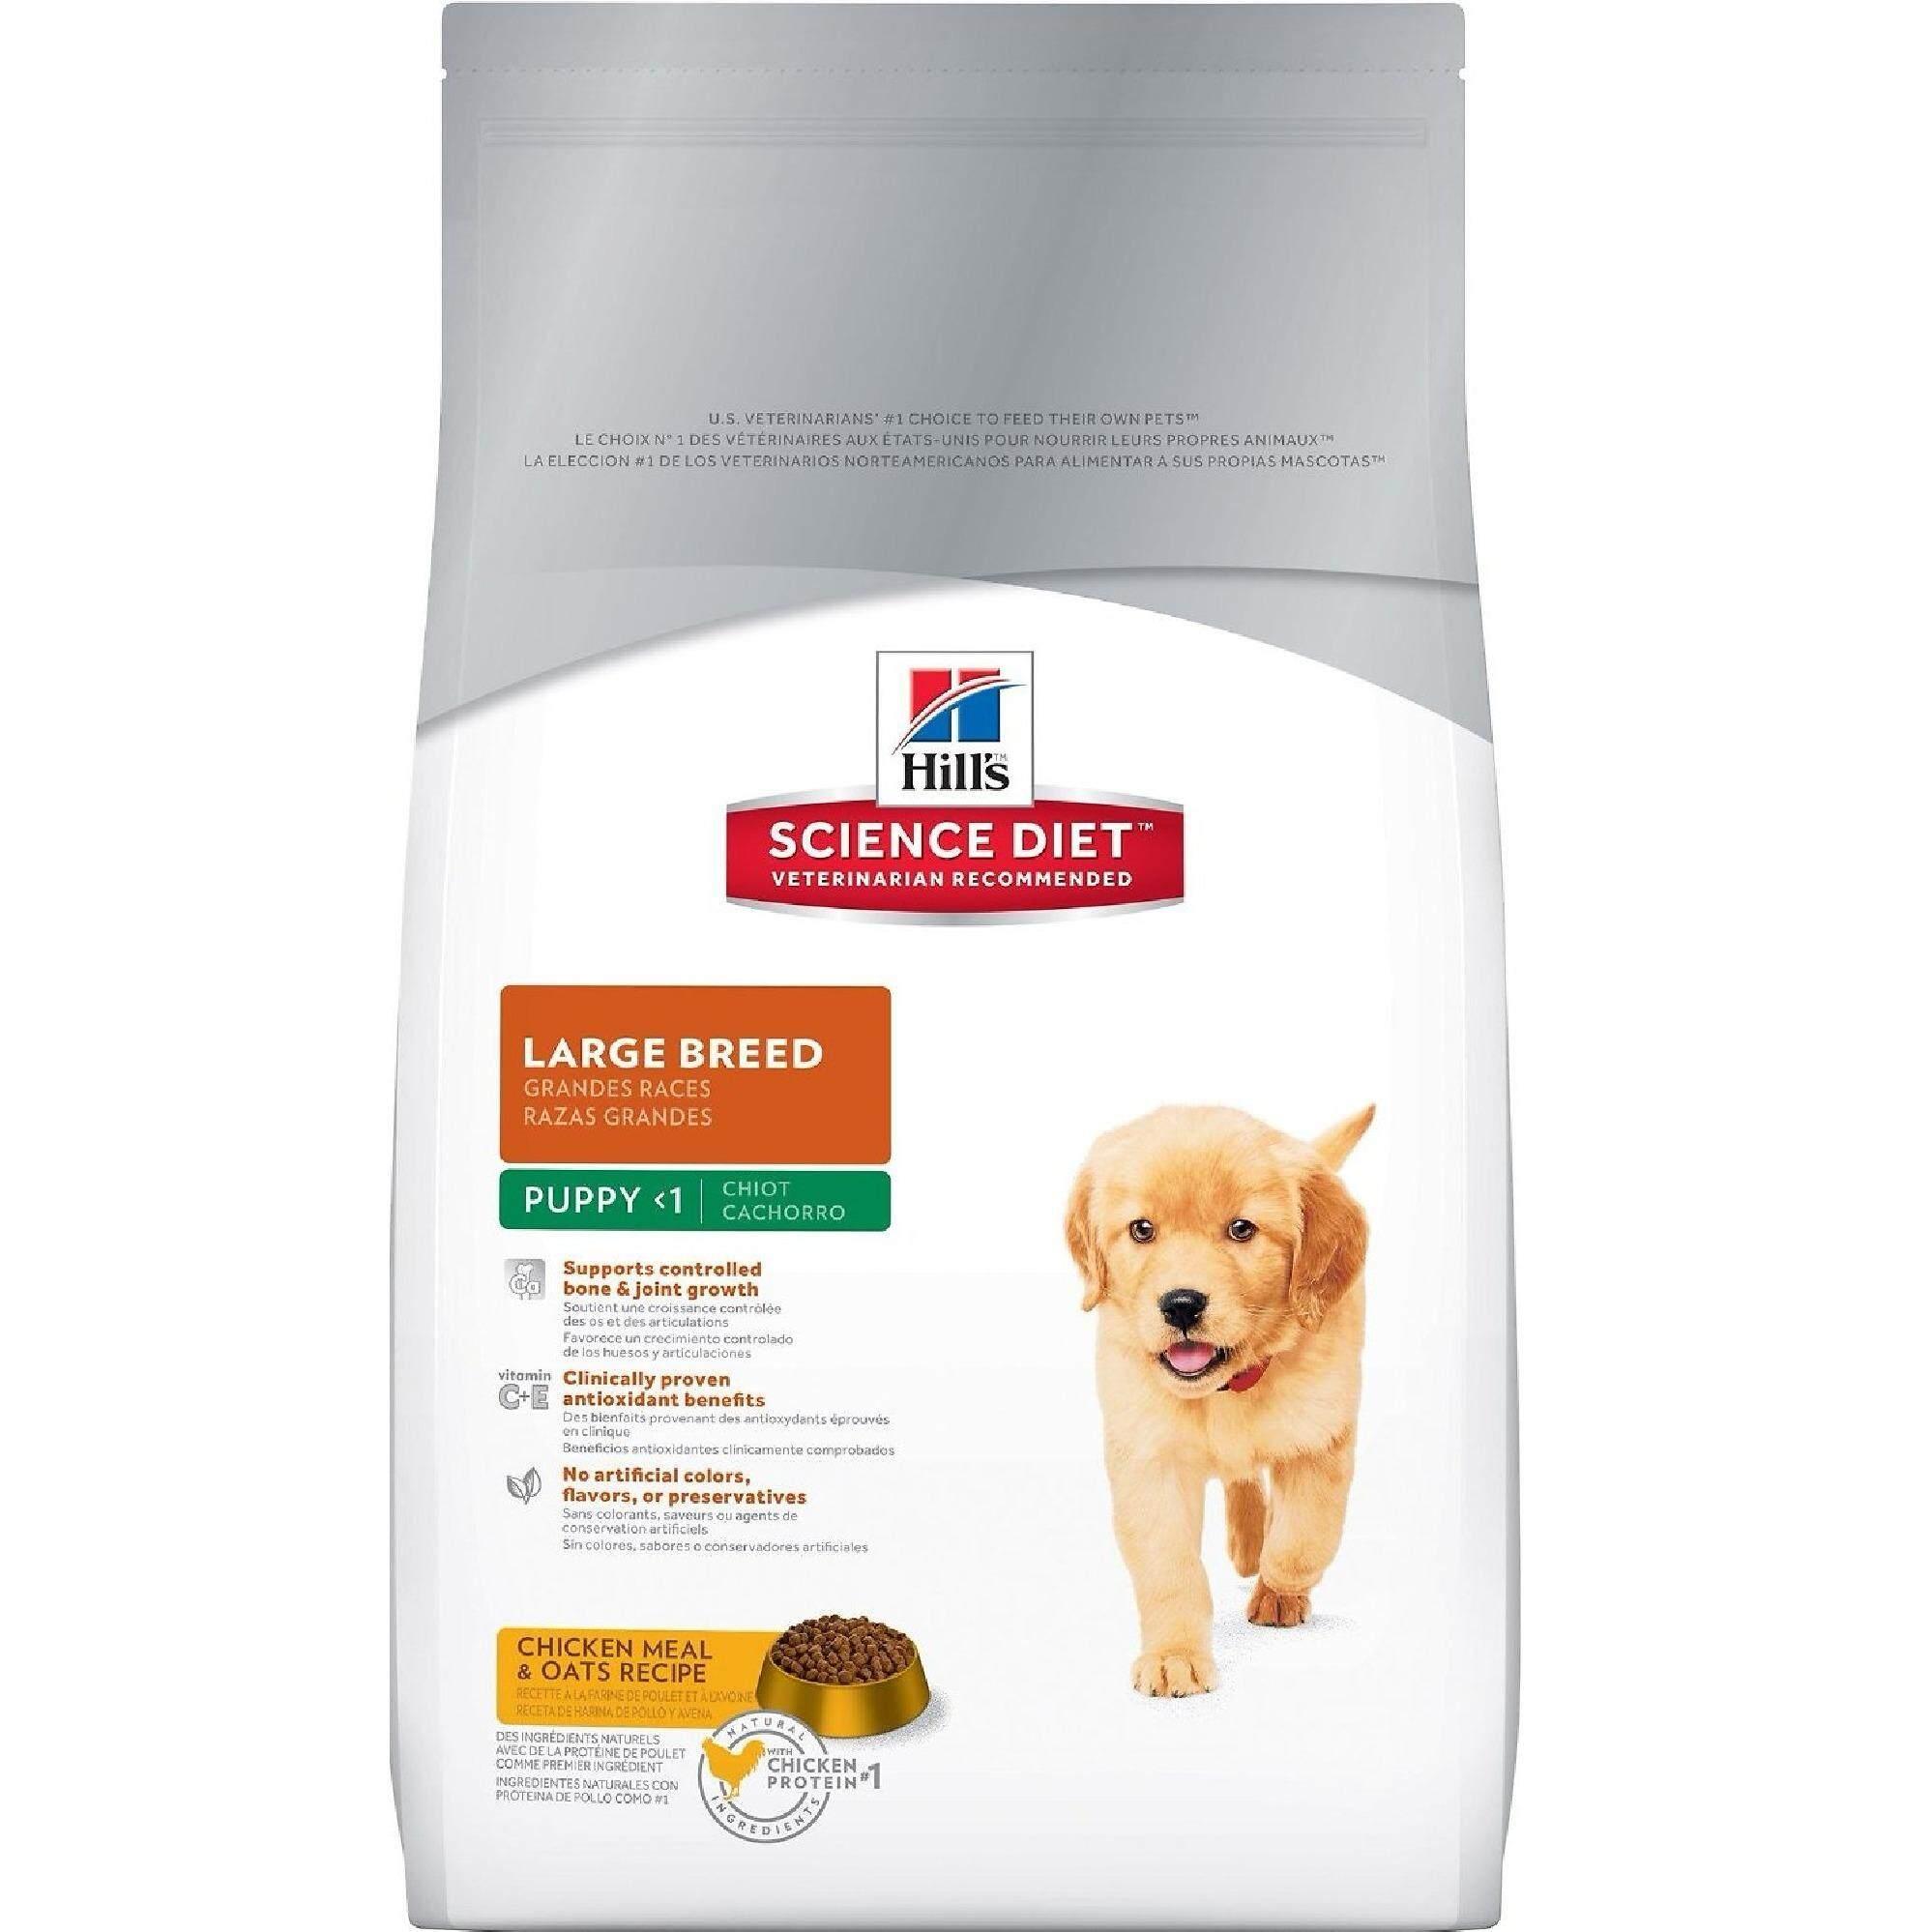 ขาย Hill S Science Diet Puppy Large Breed อาหารลูกสุนัข พันธุ์ใหญ่ ขนาด 15Kg Hill S Science Diet เป็นต้นฉบับ